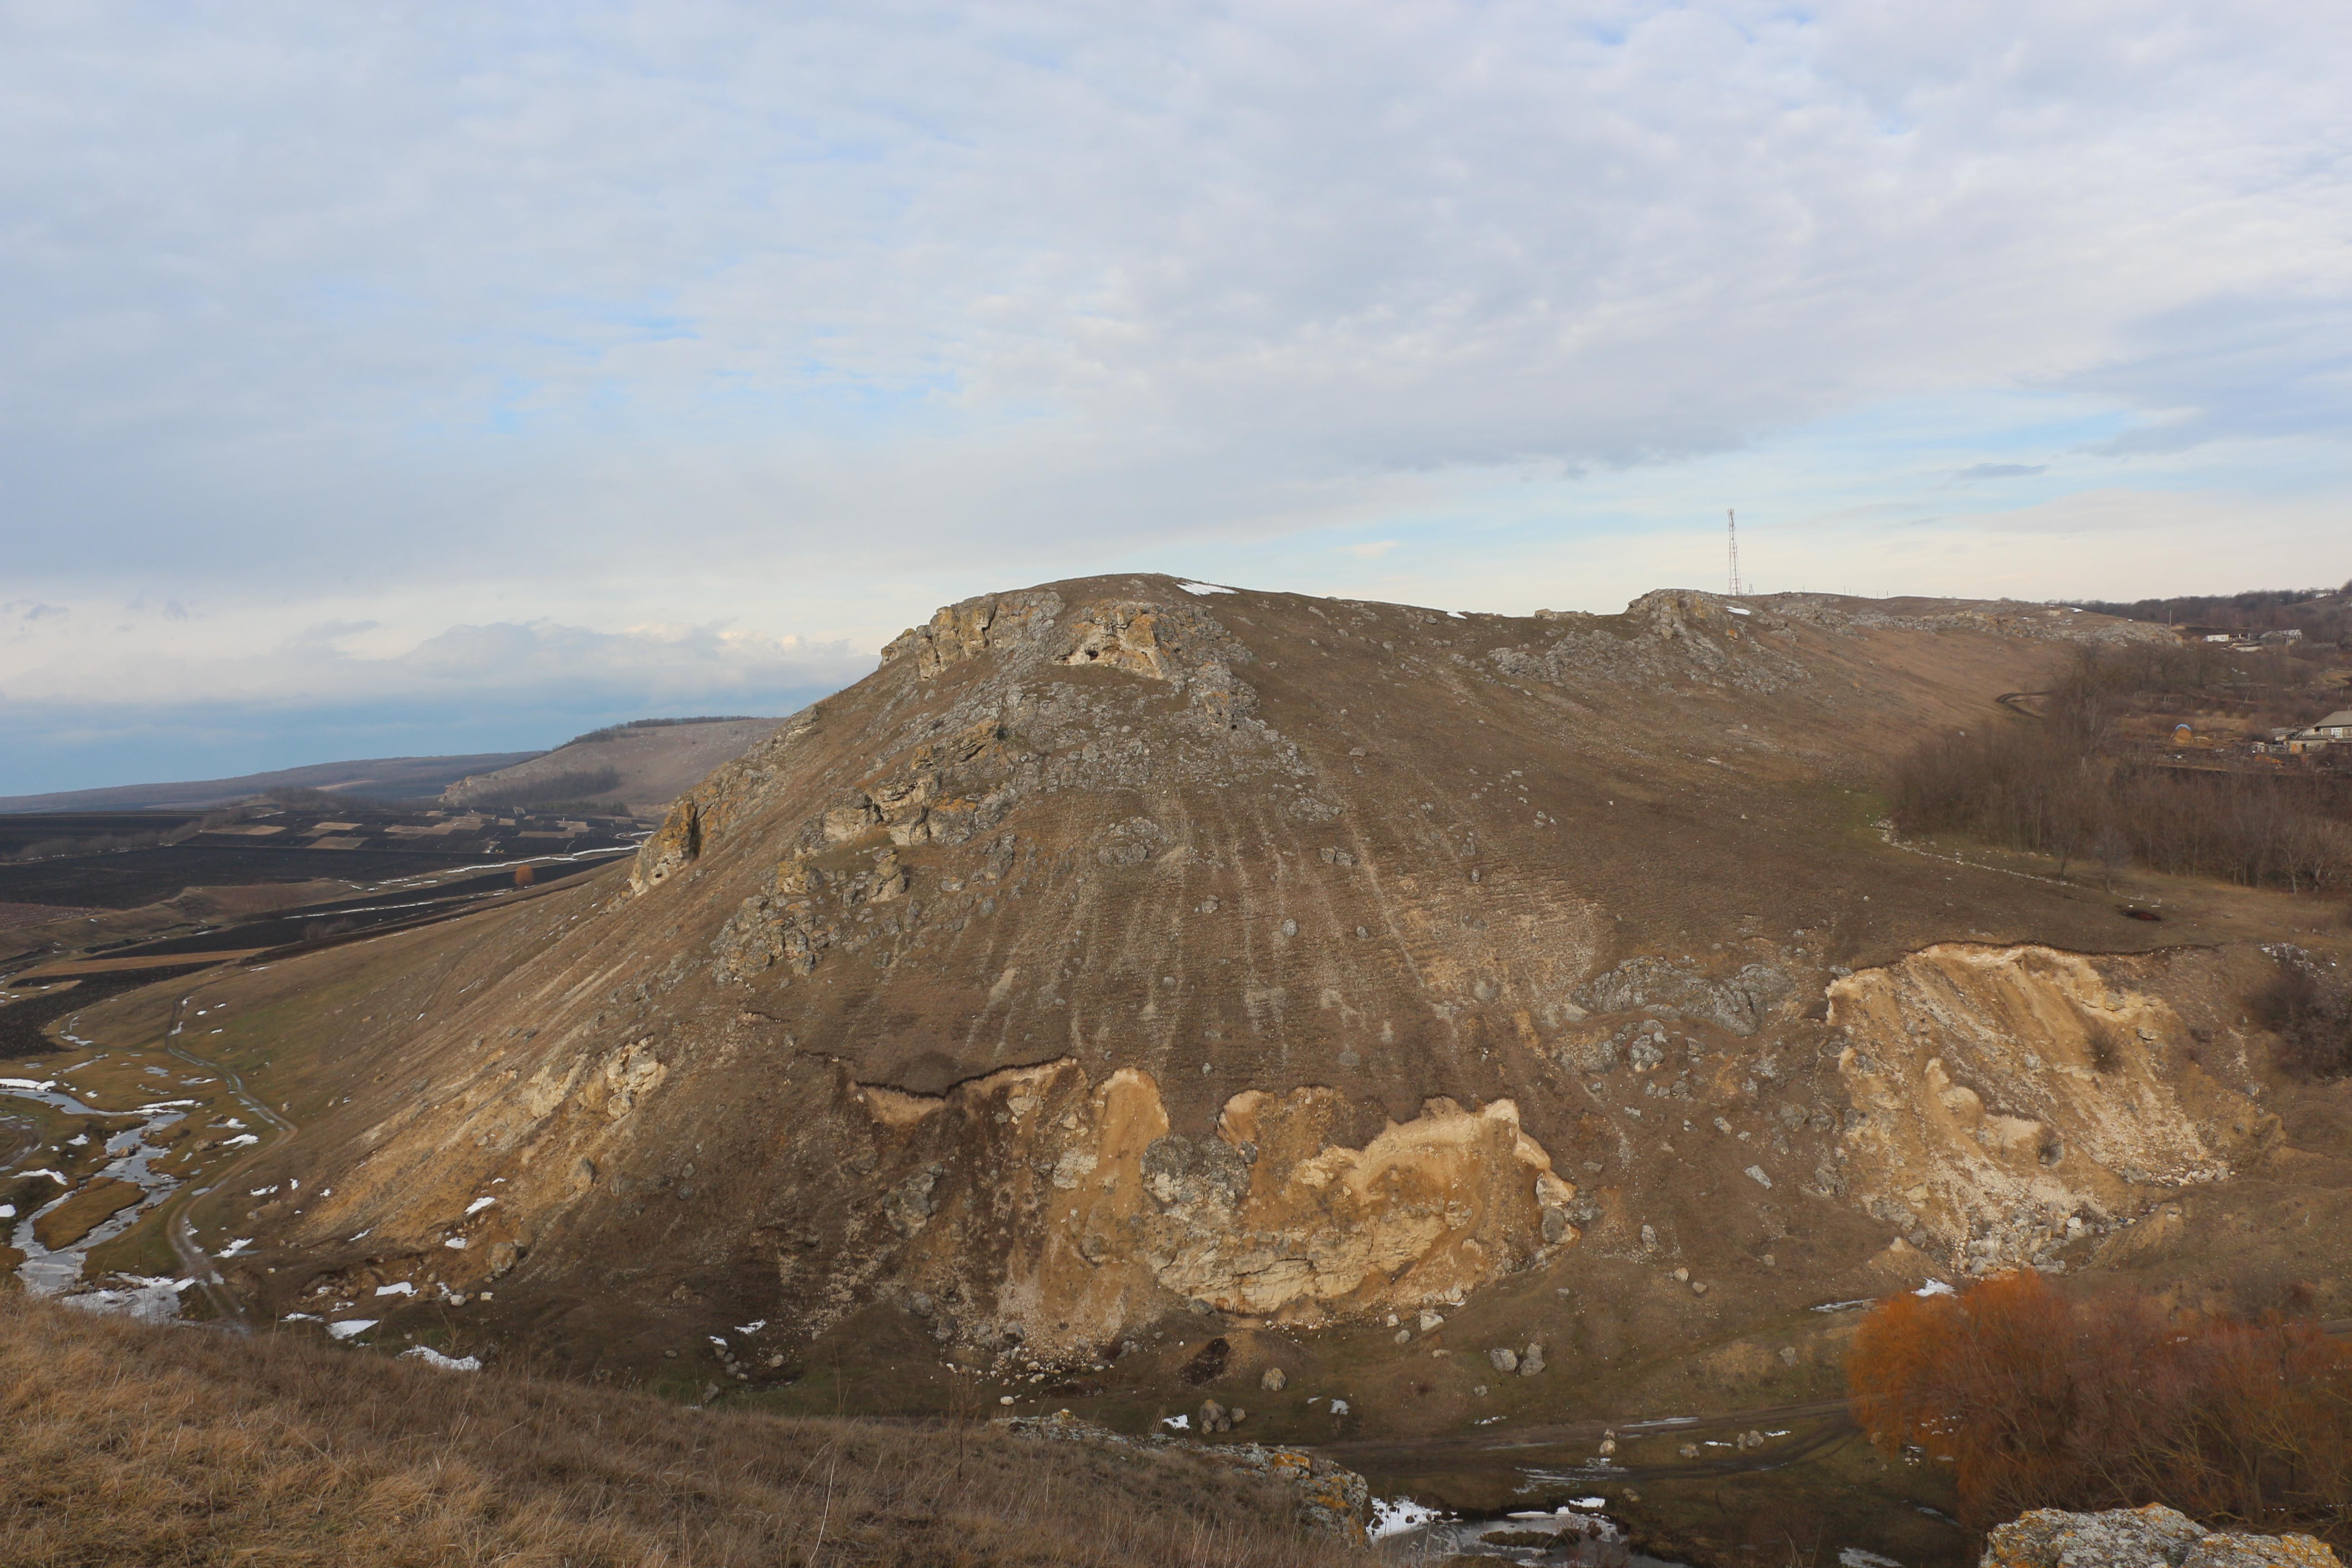 Hoții de piatră mutilează monumentele protejate de stat. Corjeuți, Briceni, ianuarie 2016. Foto: Dinu Rusu